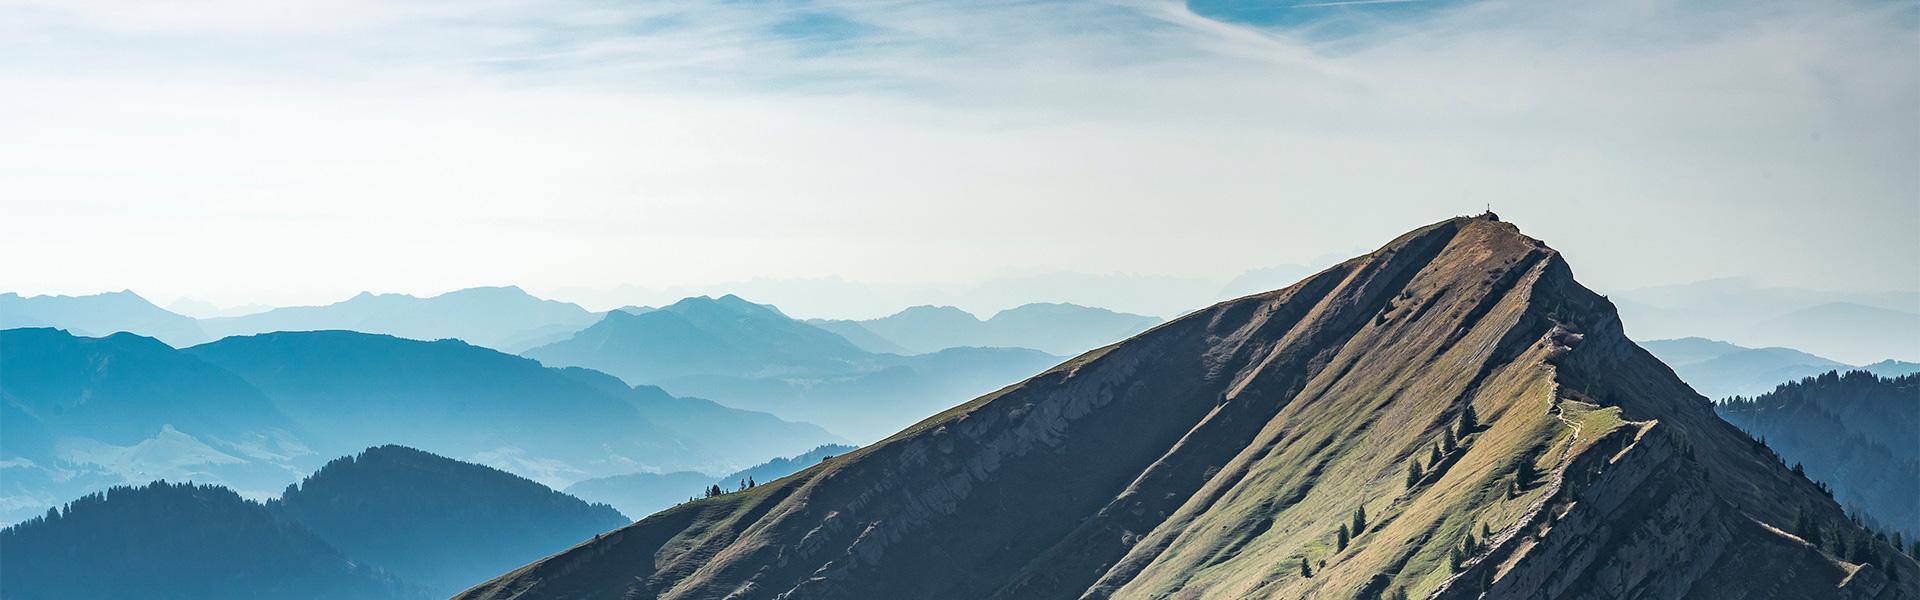 Panorama Bild Berge